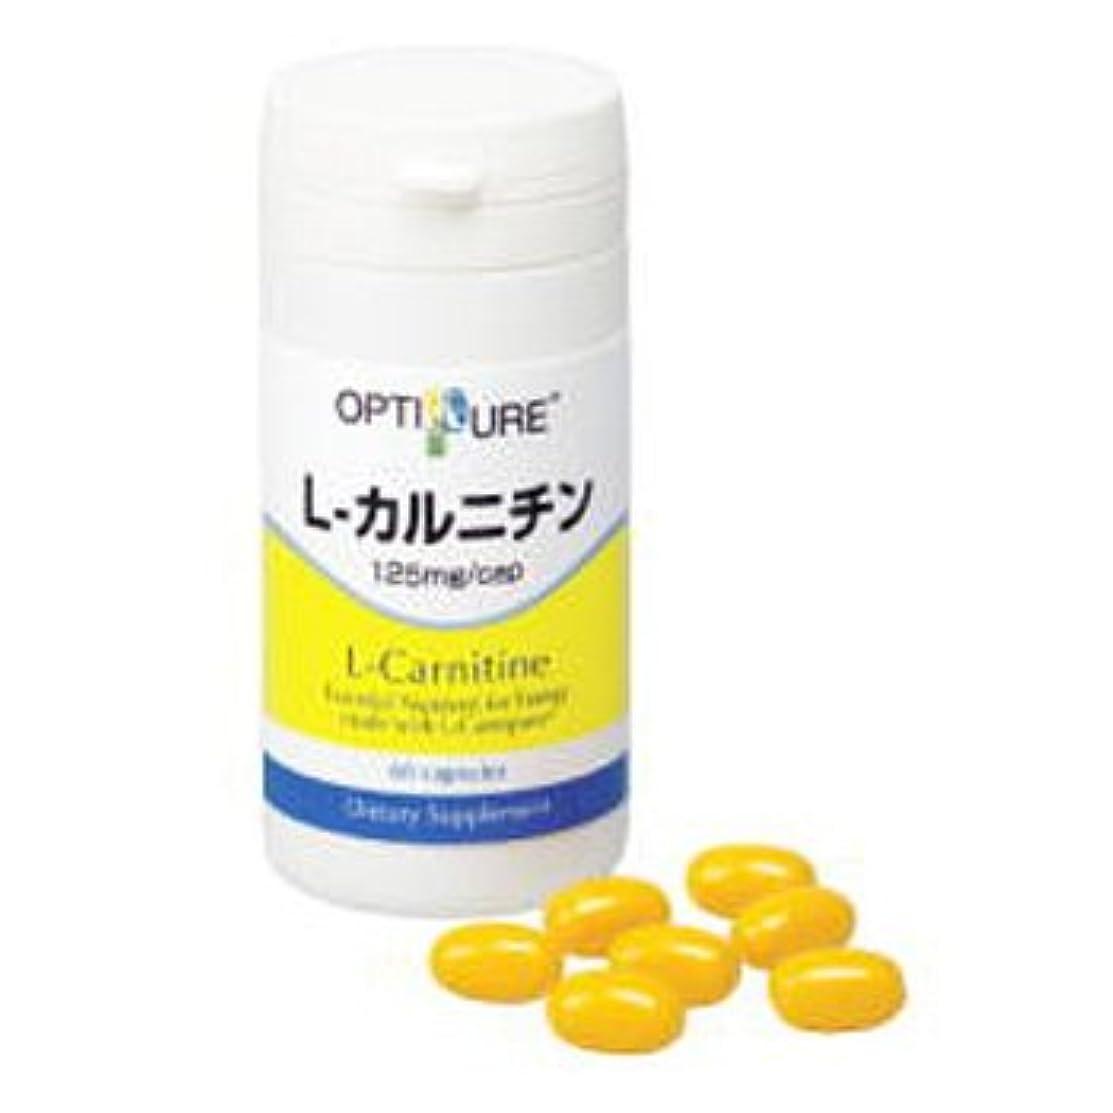 講師静的ラフ睡眠オプティピュア / L-カルニチン